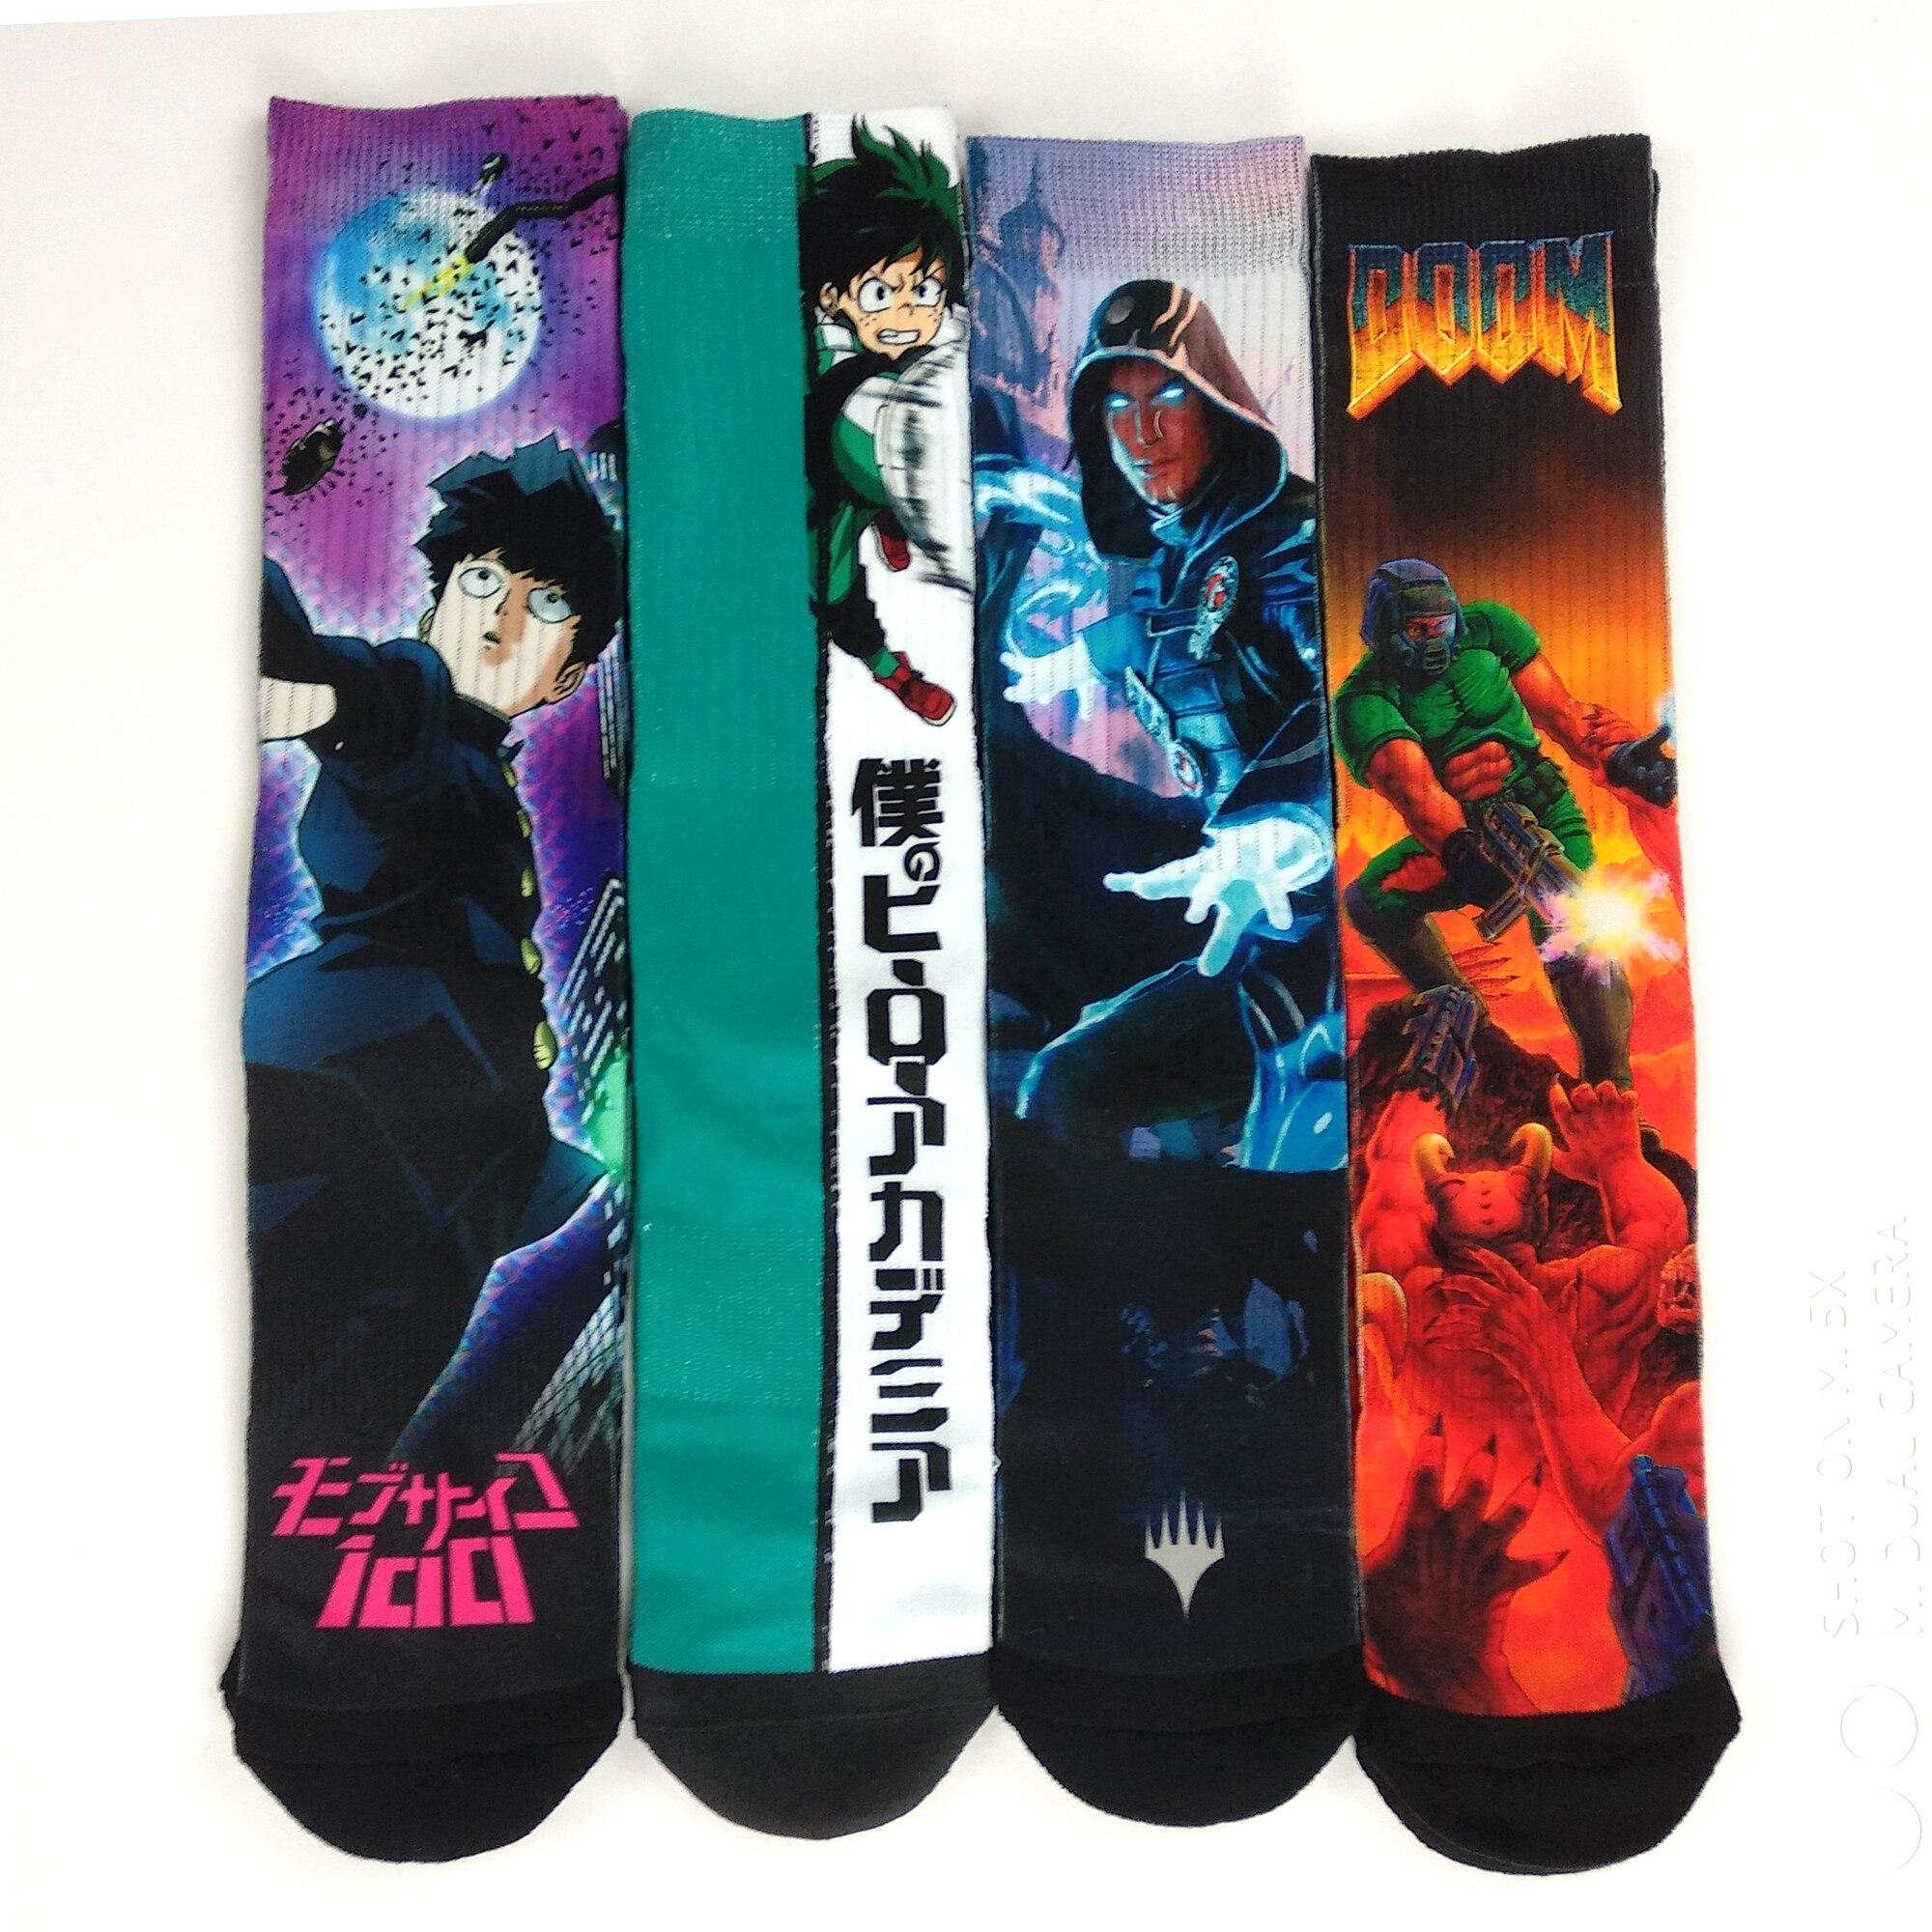 Funny Japan Anime Game Character Socks Men Novelty Hip Hop Street Style Unisex Stance Socks Skateboard Ninja Turtles Socks